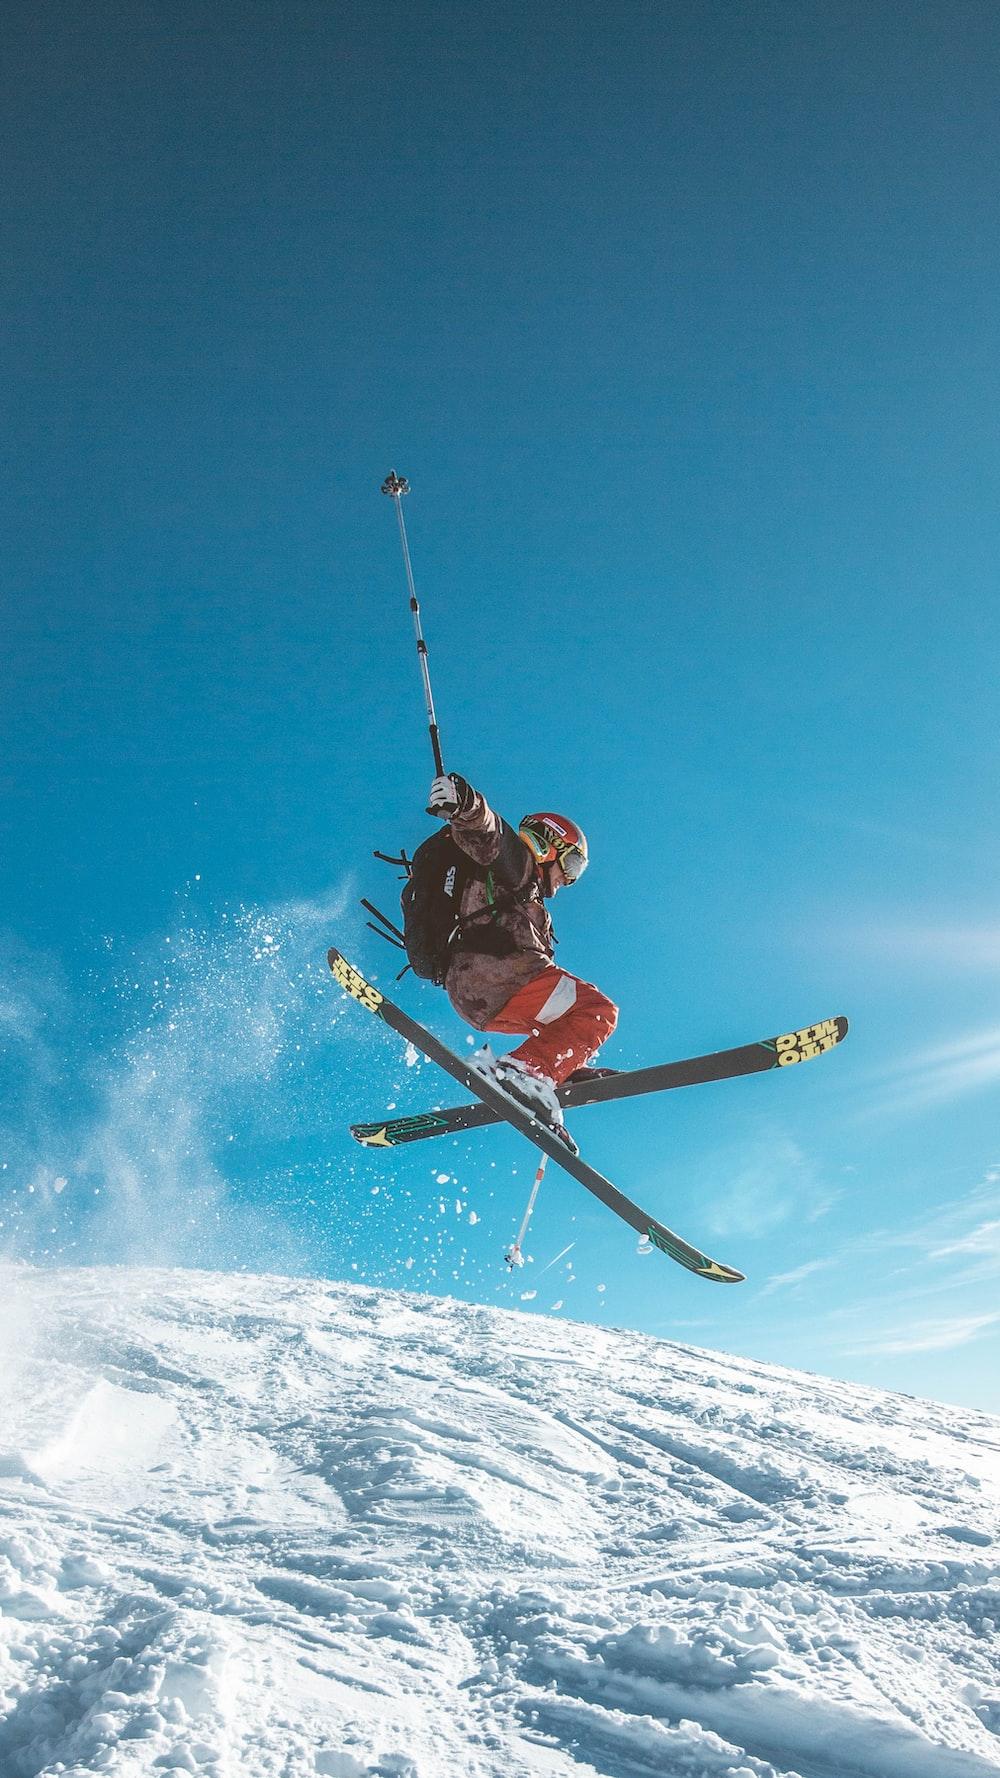 man skiing on land